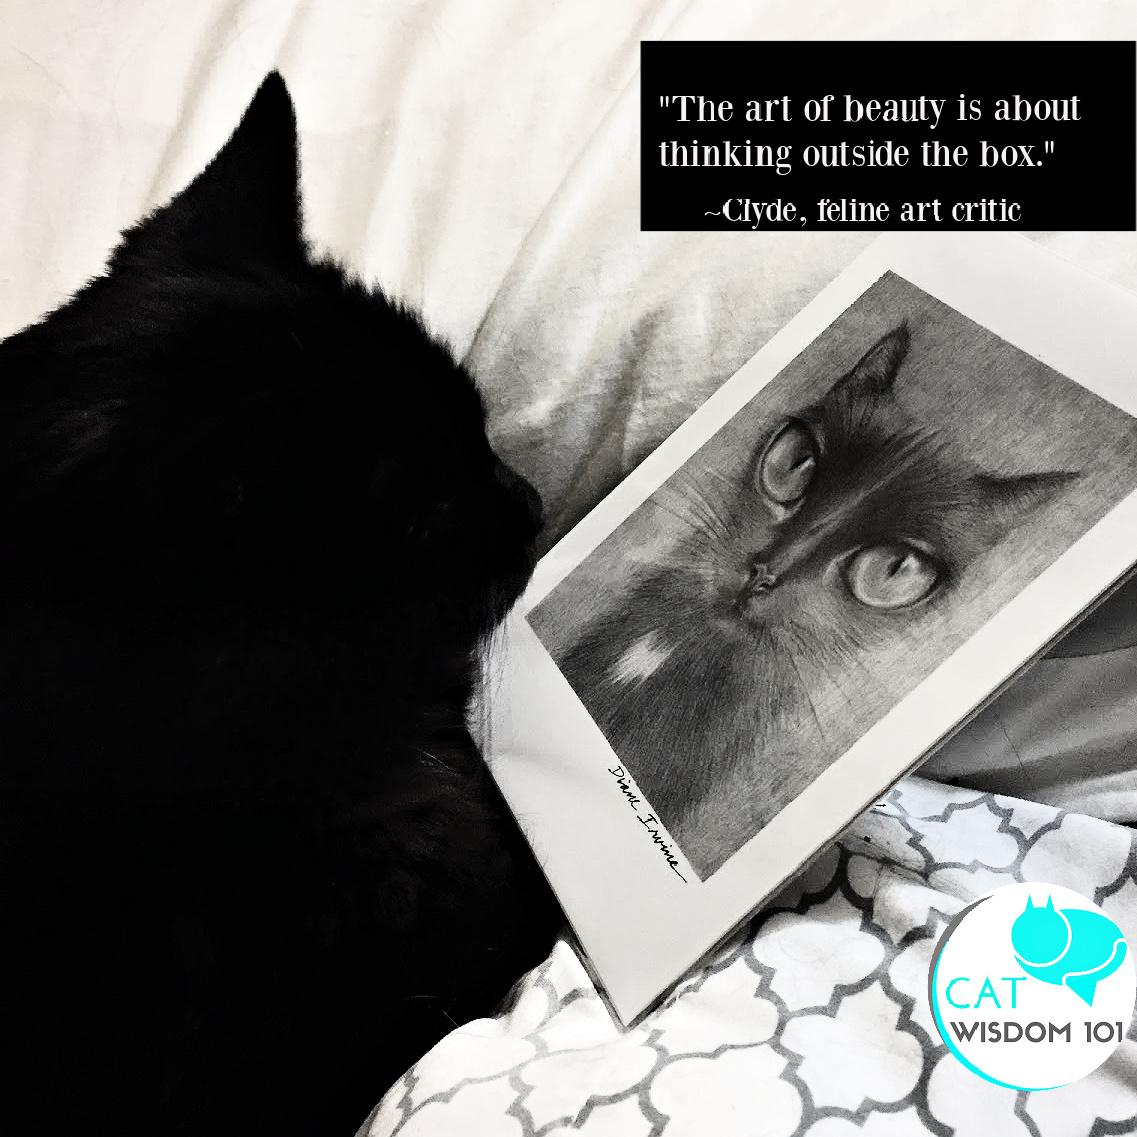 feline art critic